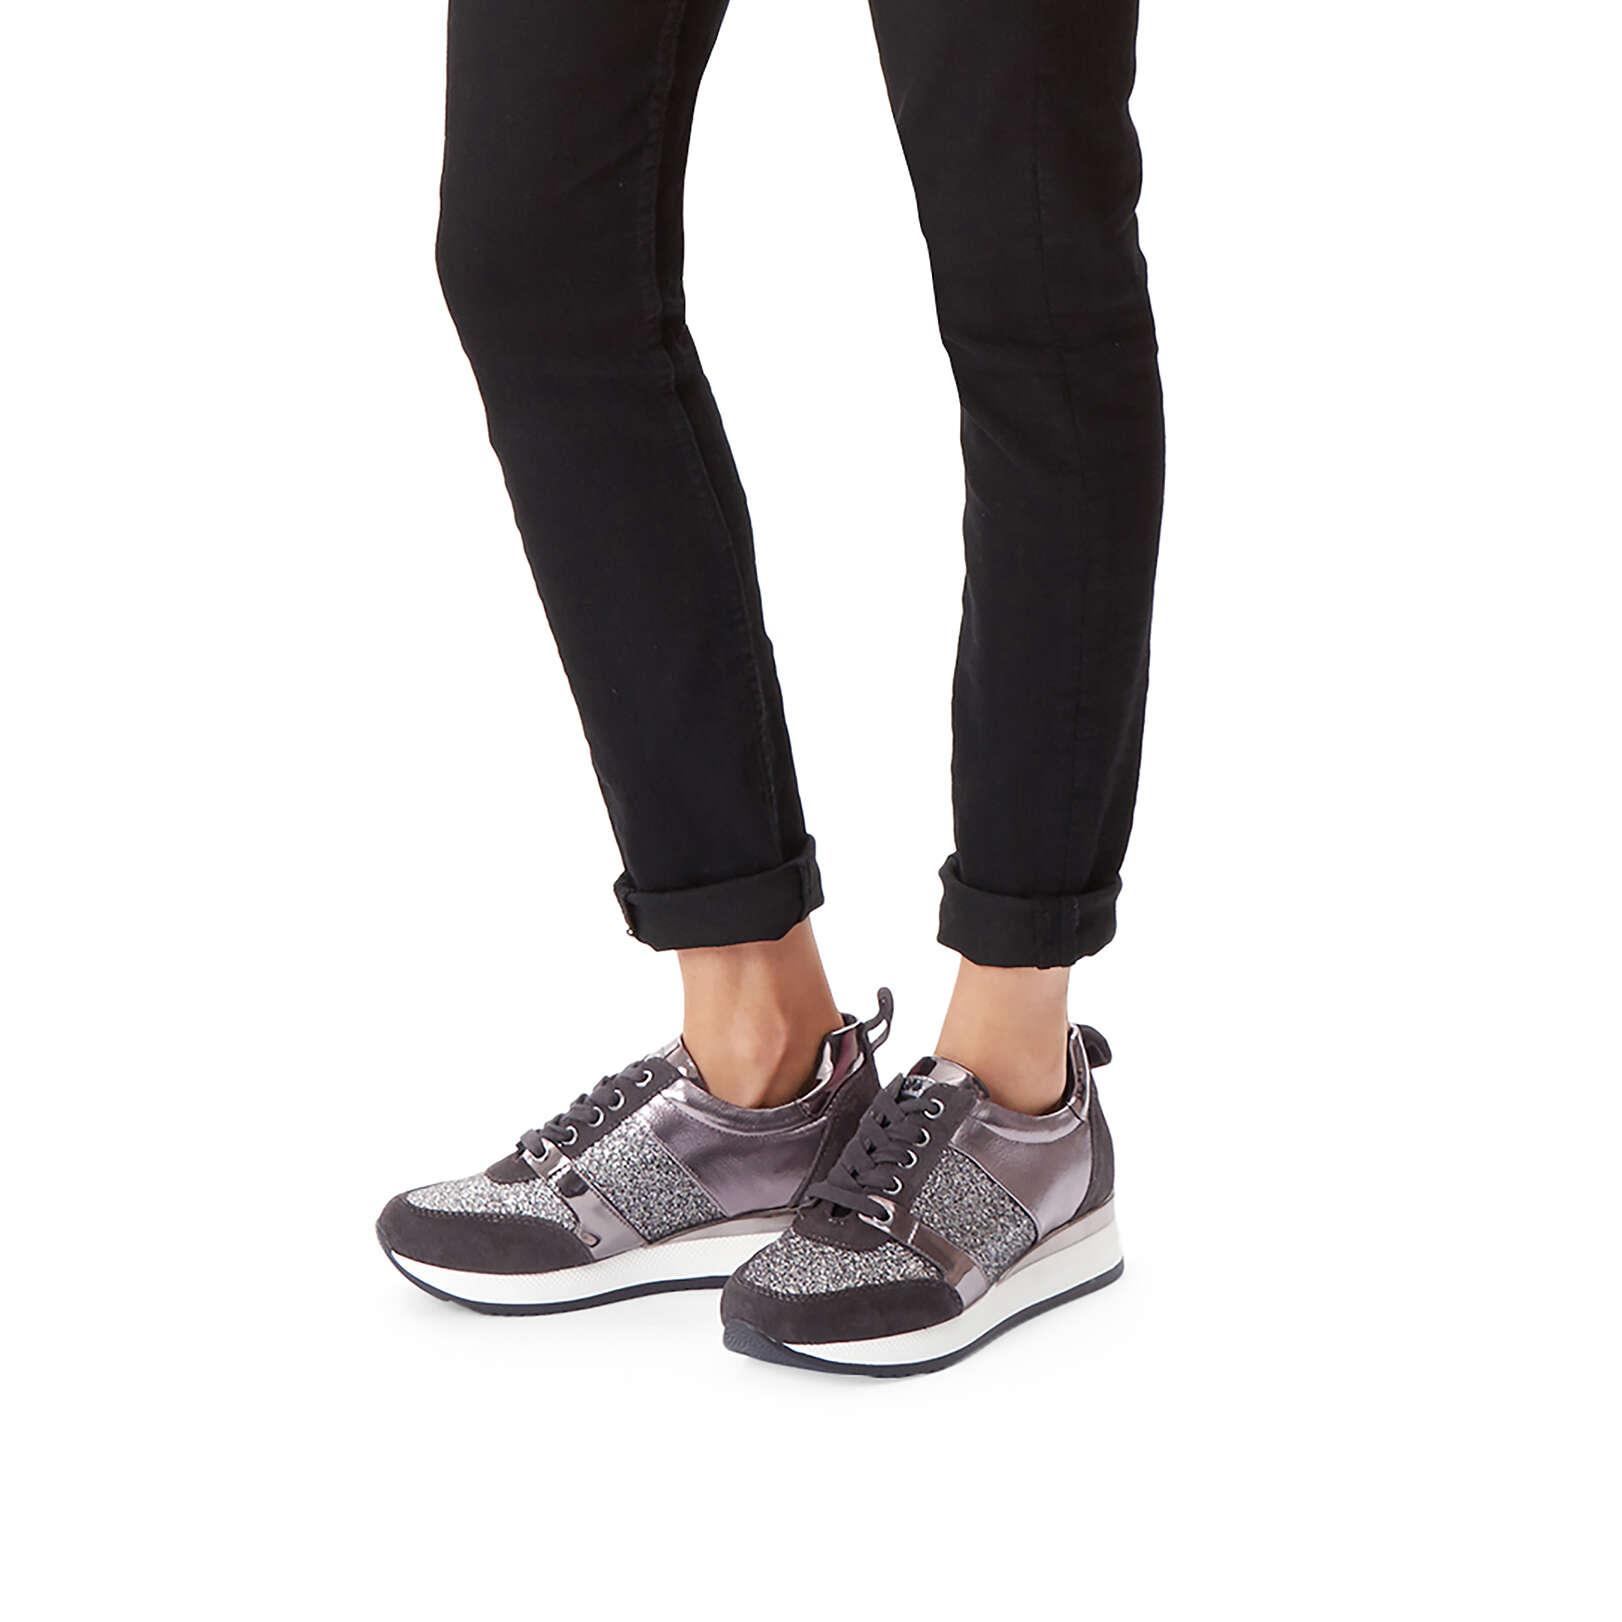 JUSTIFIED - CARVELA Sneakers